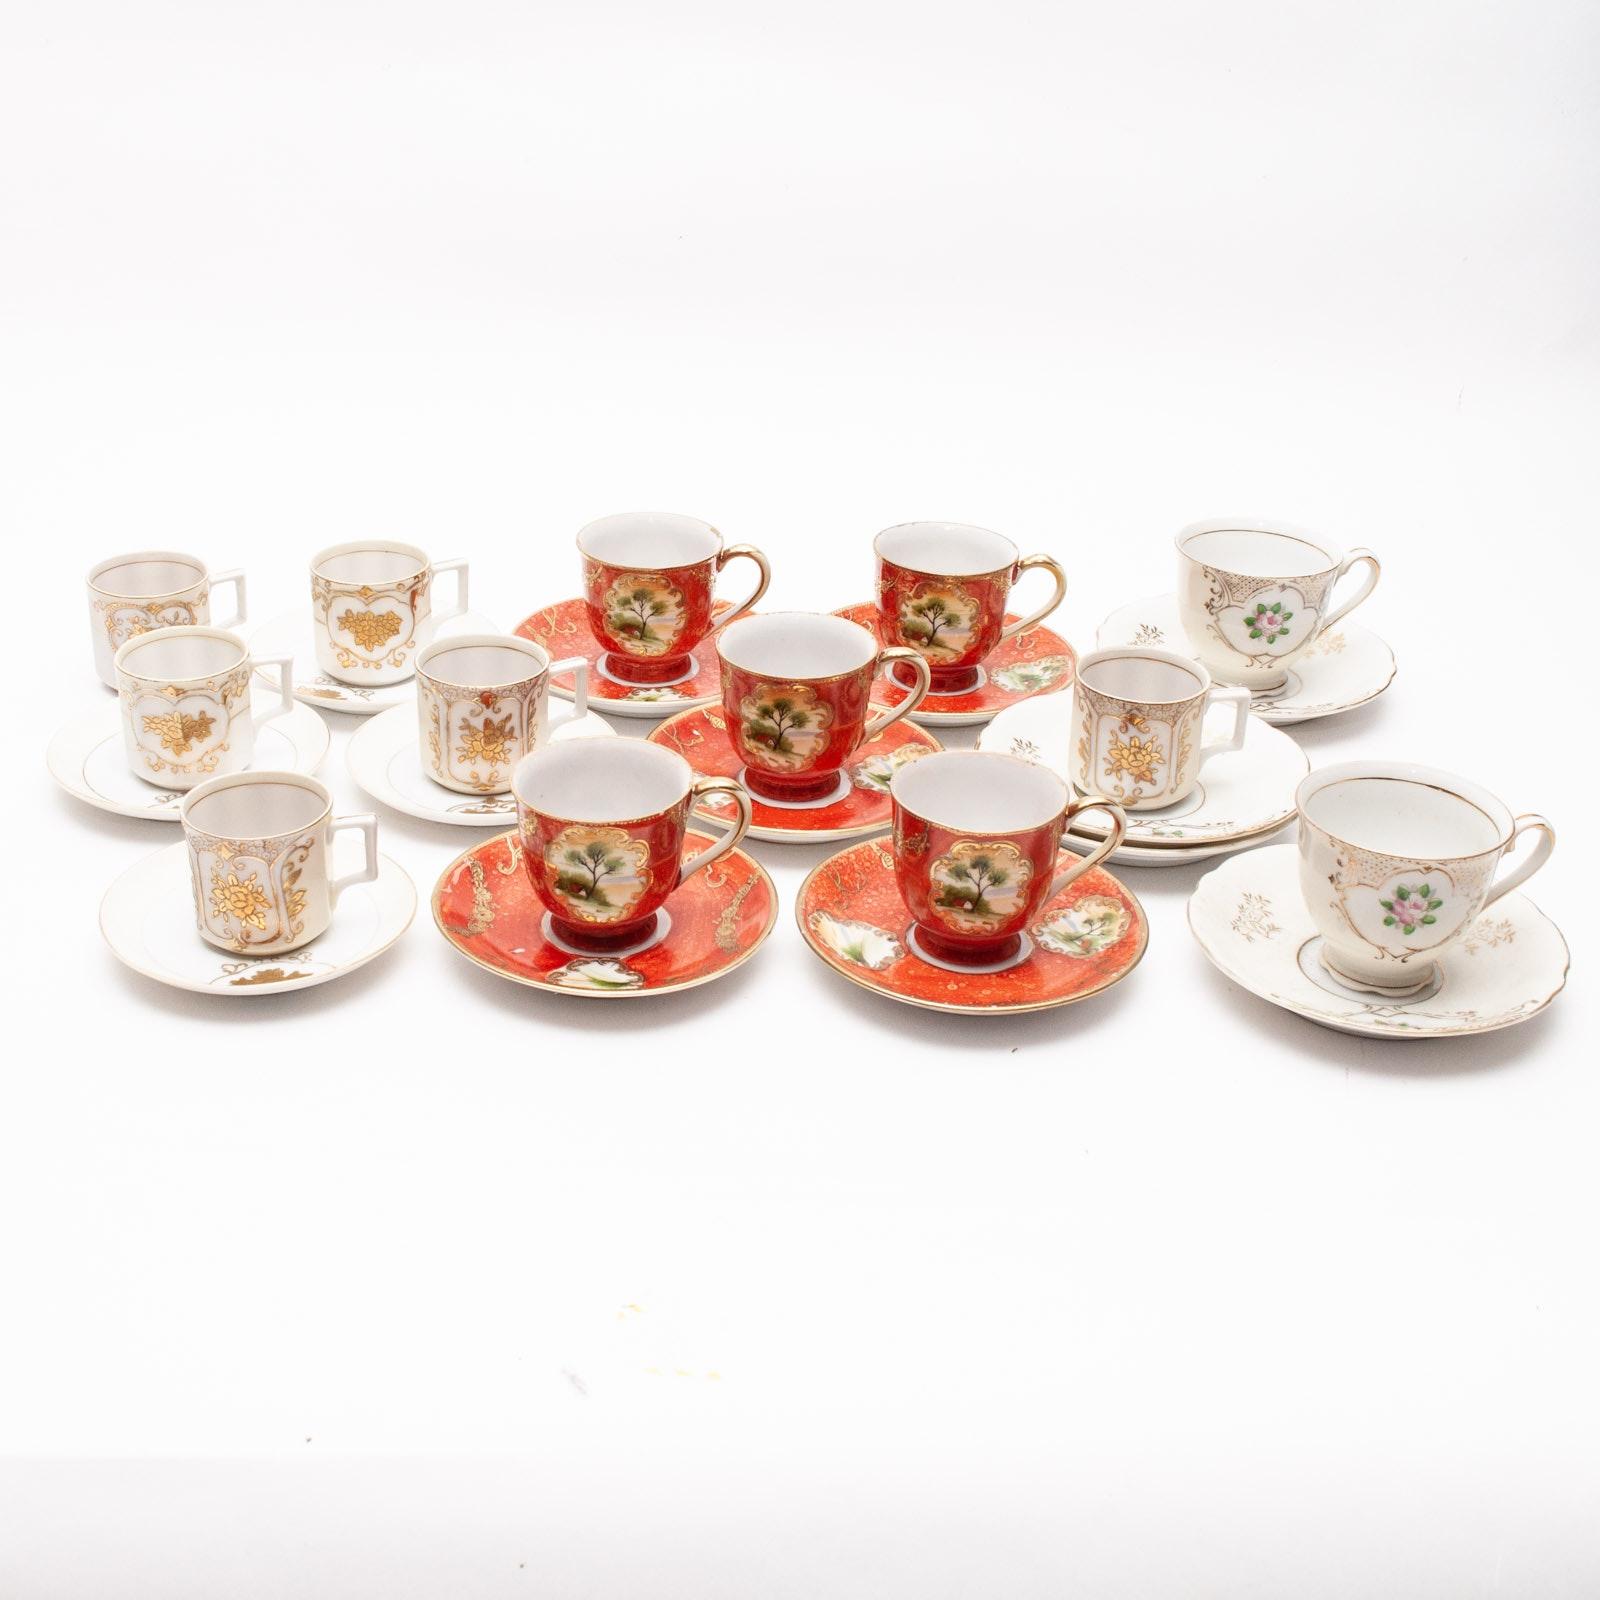 Occupied Japan Porcelain Demitasse Sets